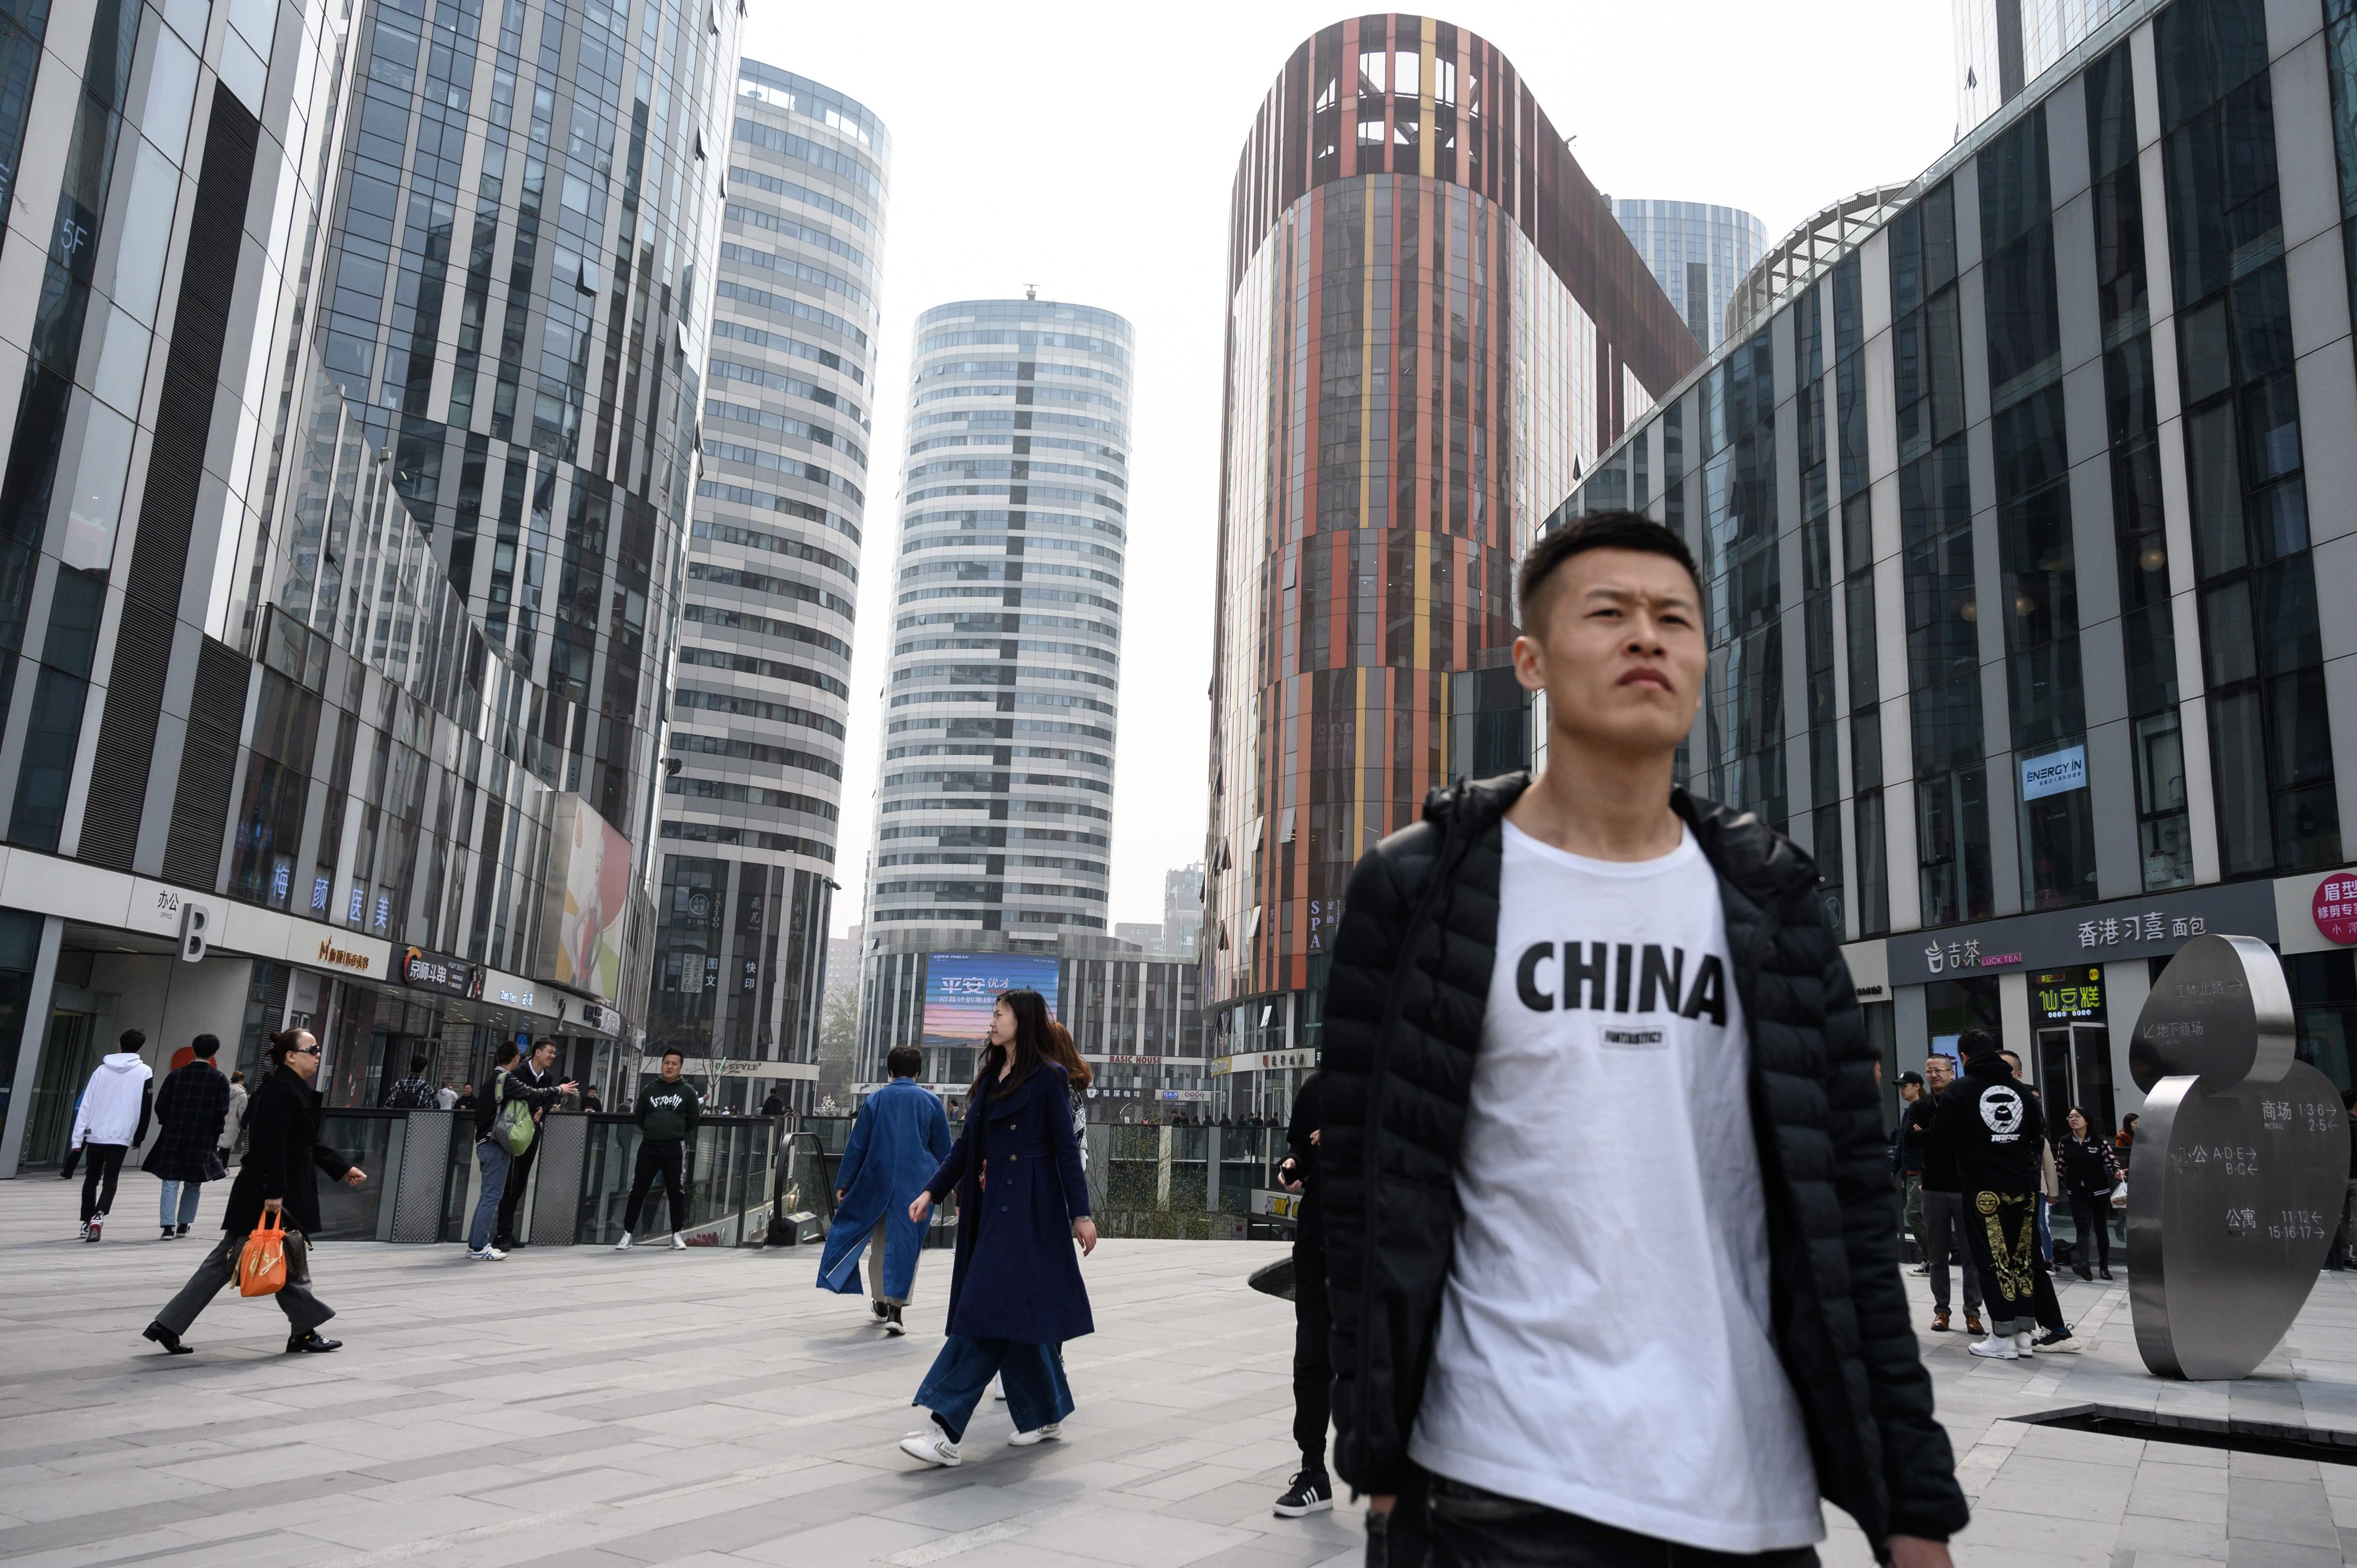 China trabaja en una aplicación que busca ayudar a los turistas a localizar los baños públicos más cercanos. (Foto Prensa Libre: AFP)